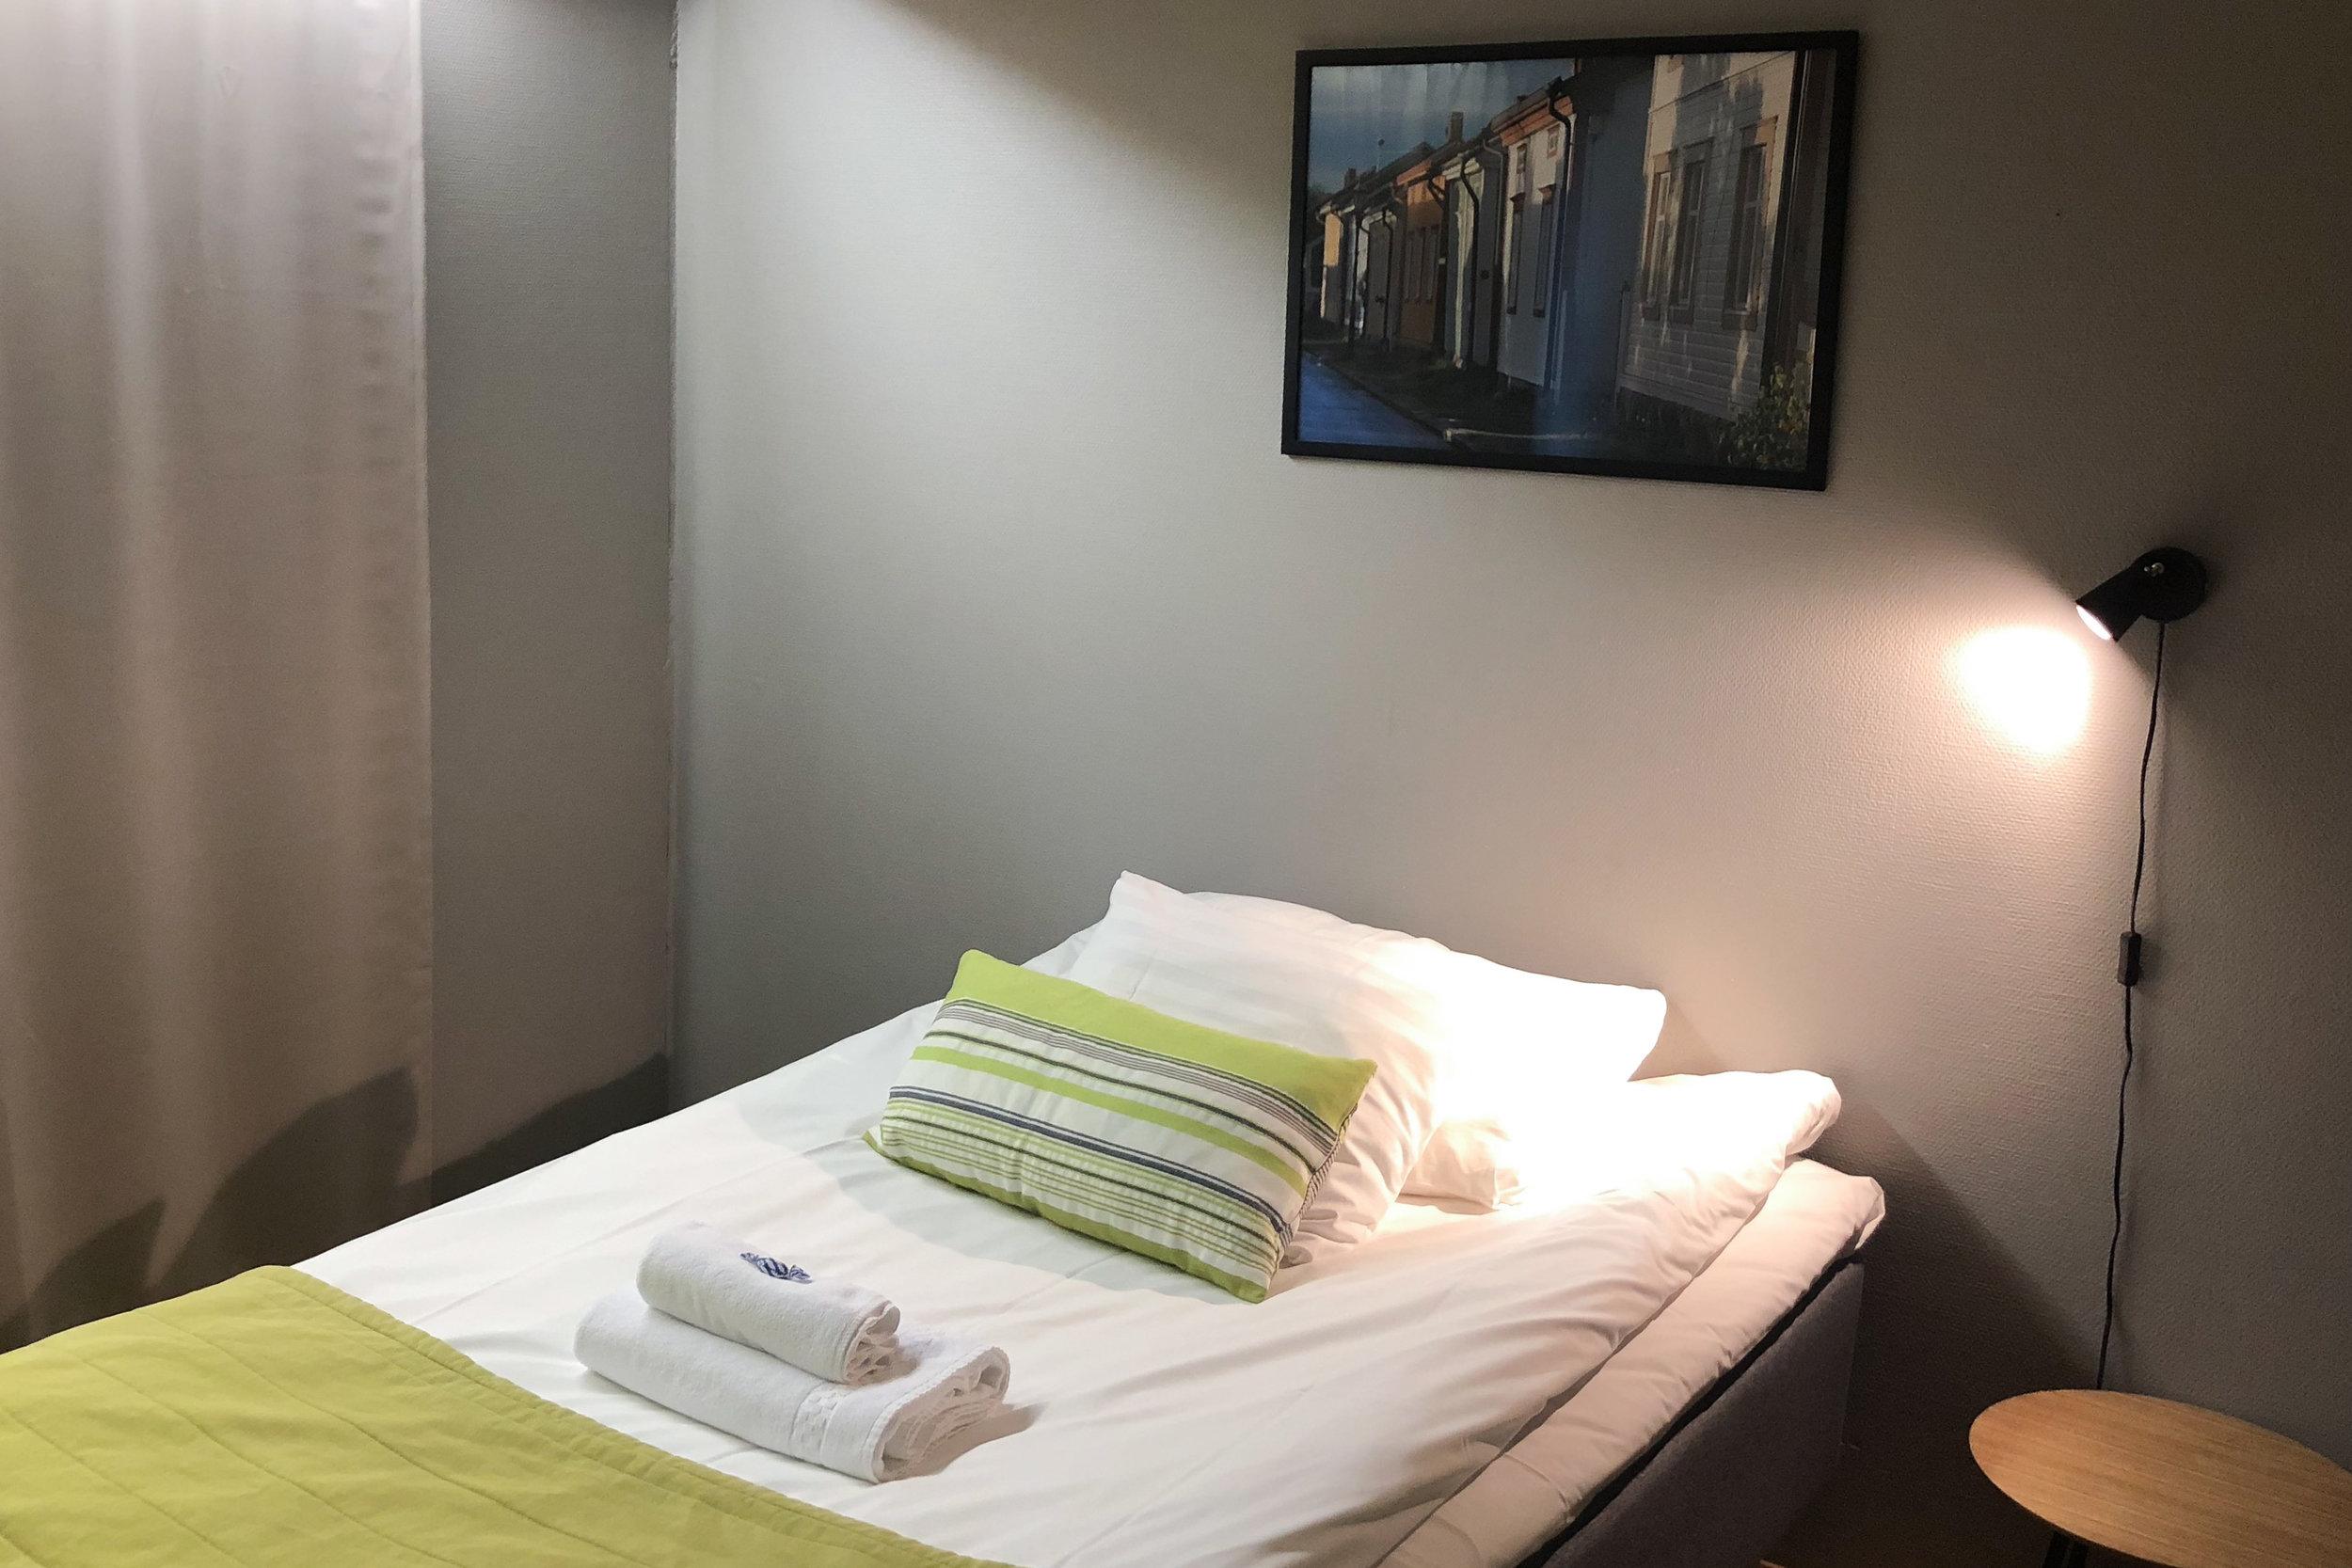 STANDARD 1hh - Hinnat alk. 85€/yöMukavissa yhden hengen huoneissamme on 90cm tai 120cm leveä sänky, oma wc/suihku, jääkaappi, pöytä ja televisio.VARAA PUHELIMITSE 06 82 43 200TAI SÄHKÖPOSTITSE nukkumatti(at)picante.fi